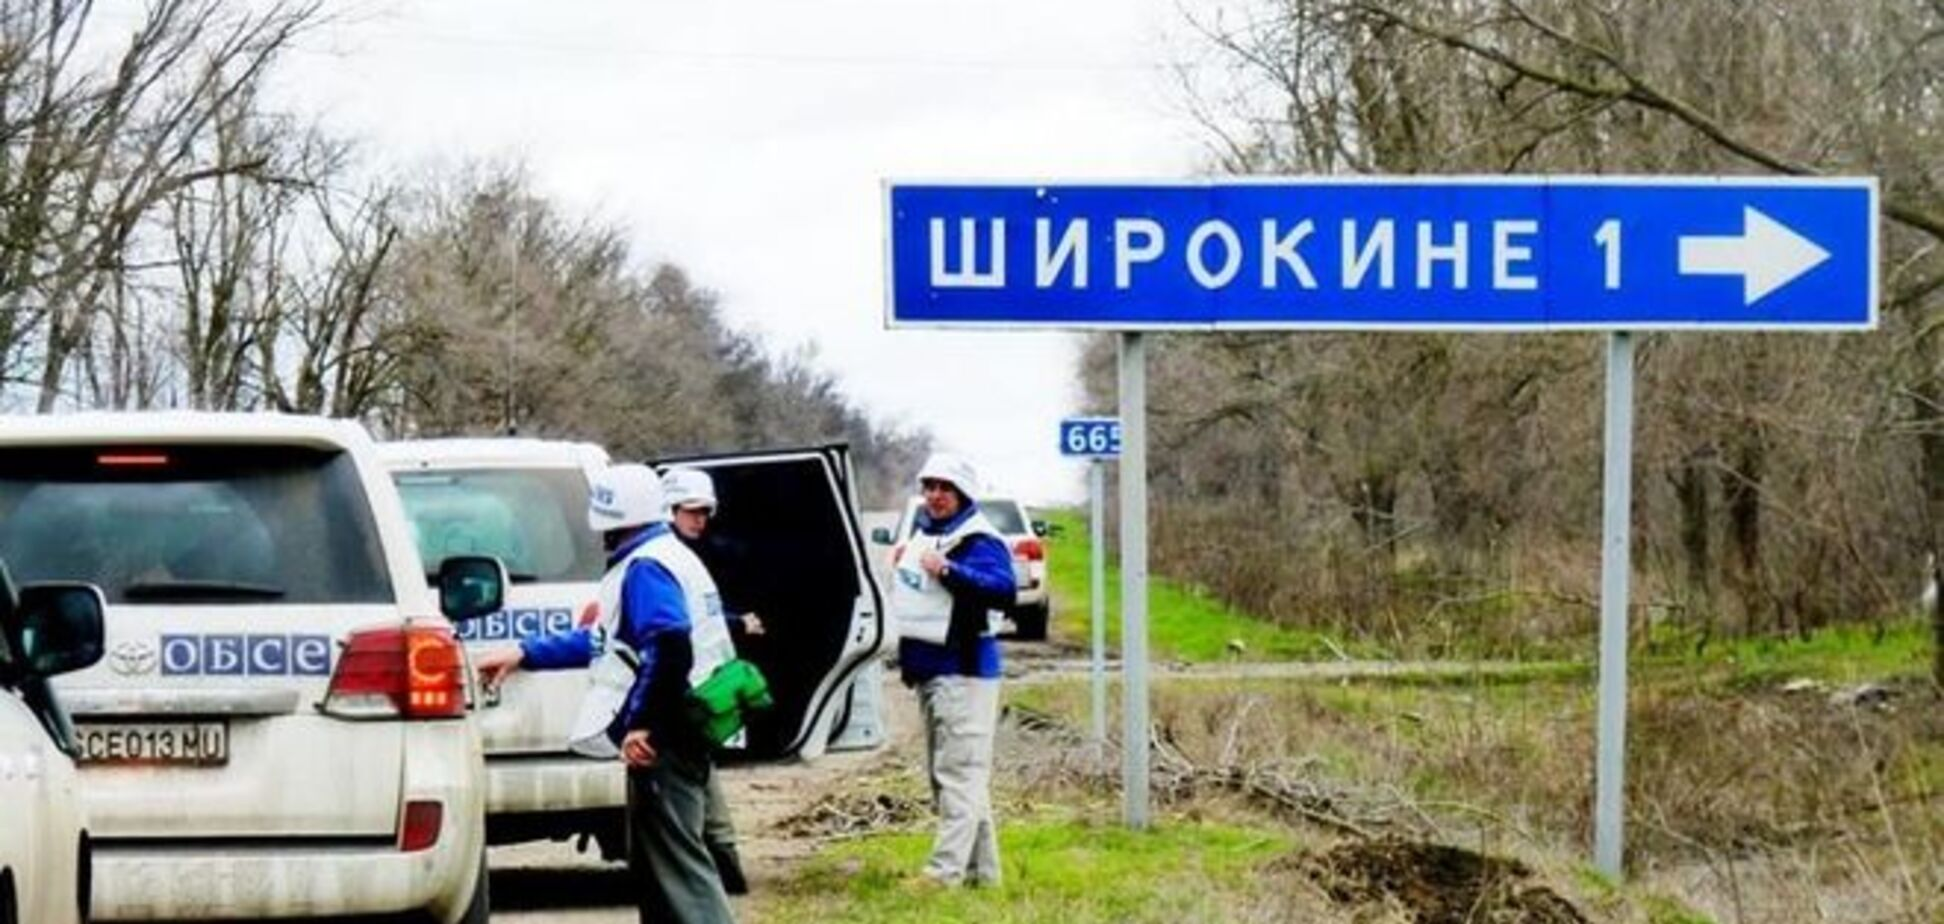 Штаб АТО уличил ОБСЕ в неправдивой информации